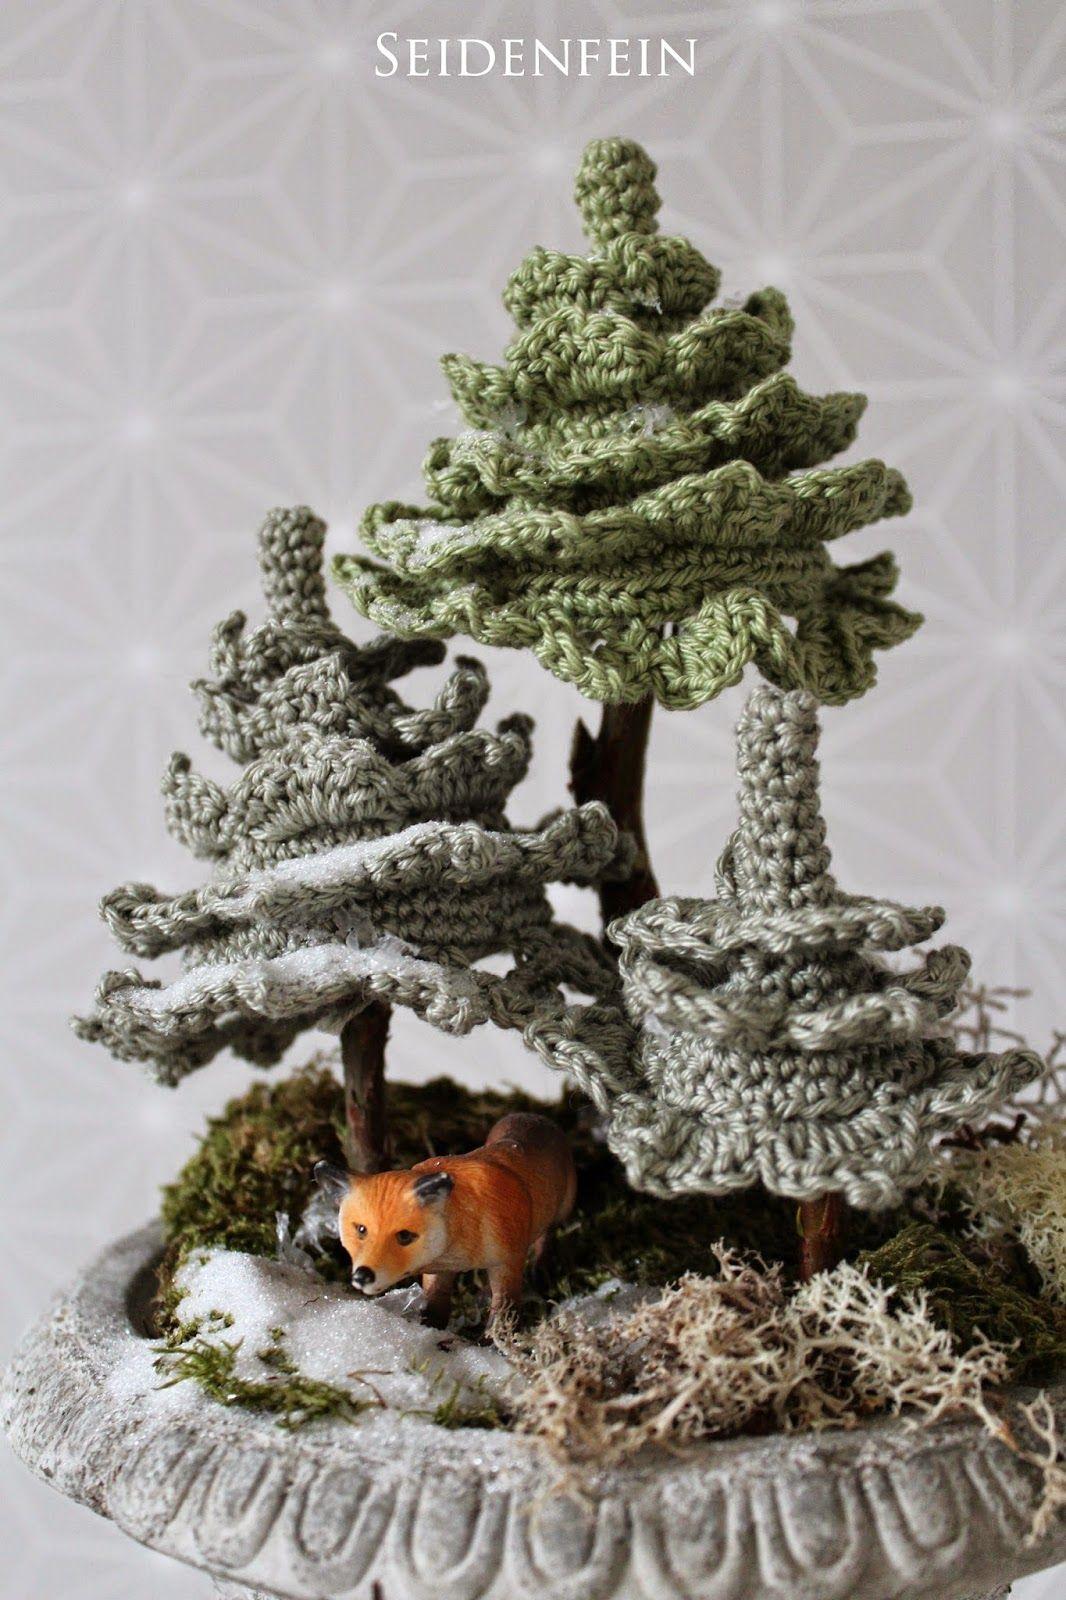 seidenfeins Dekoblog : Tannenbäume häkeln * DIY * crochet some Fir ...